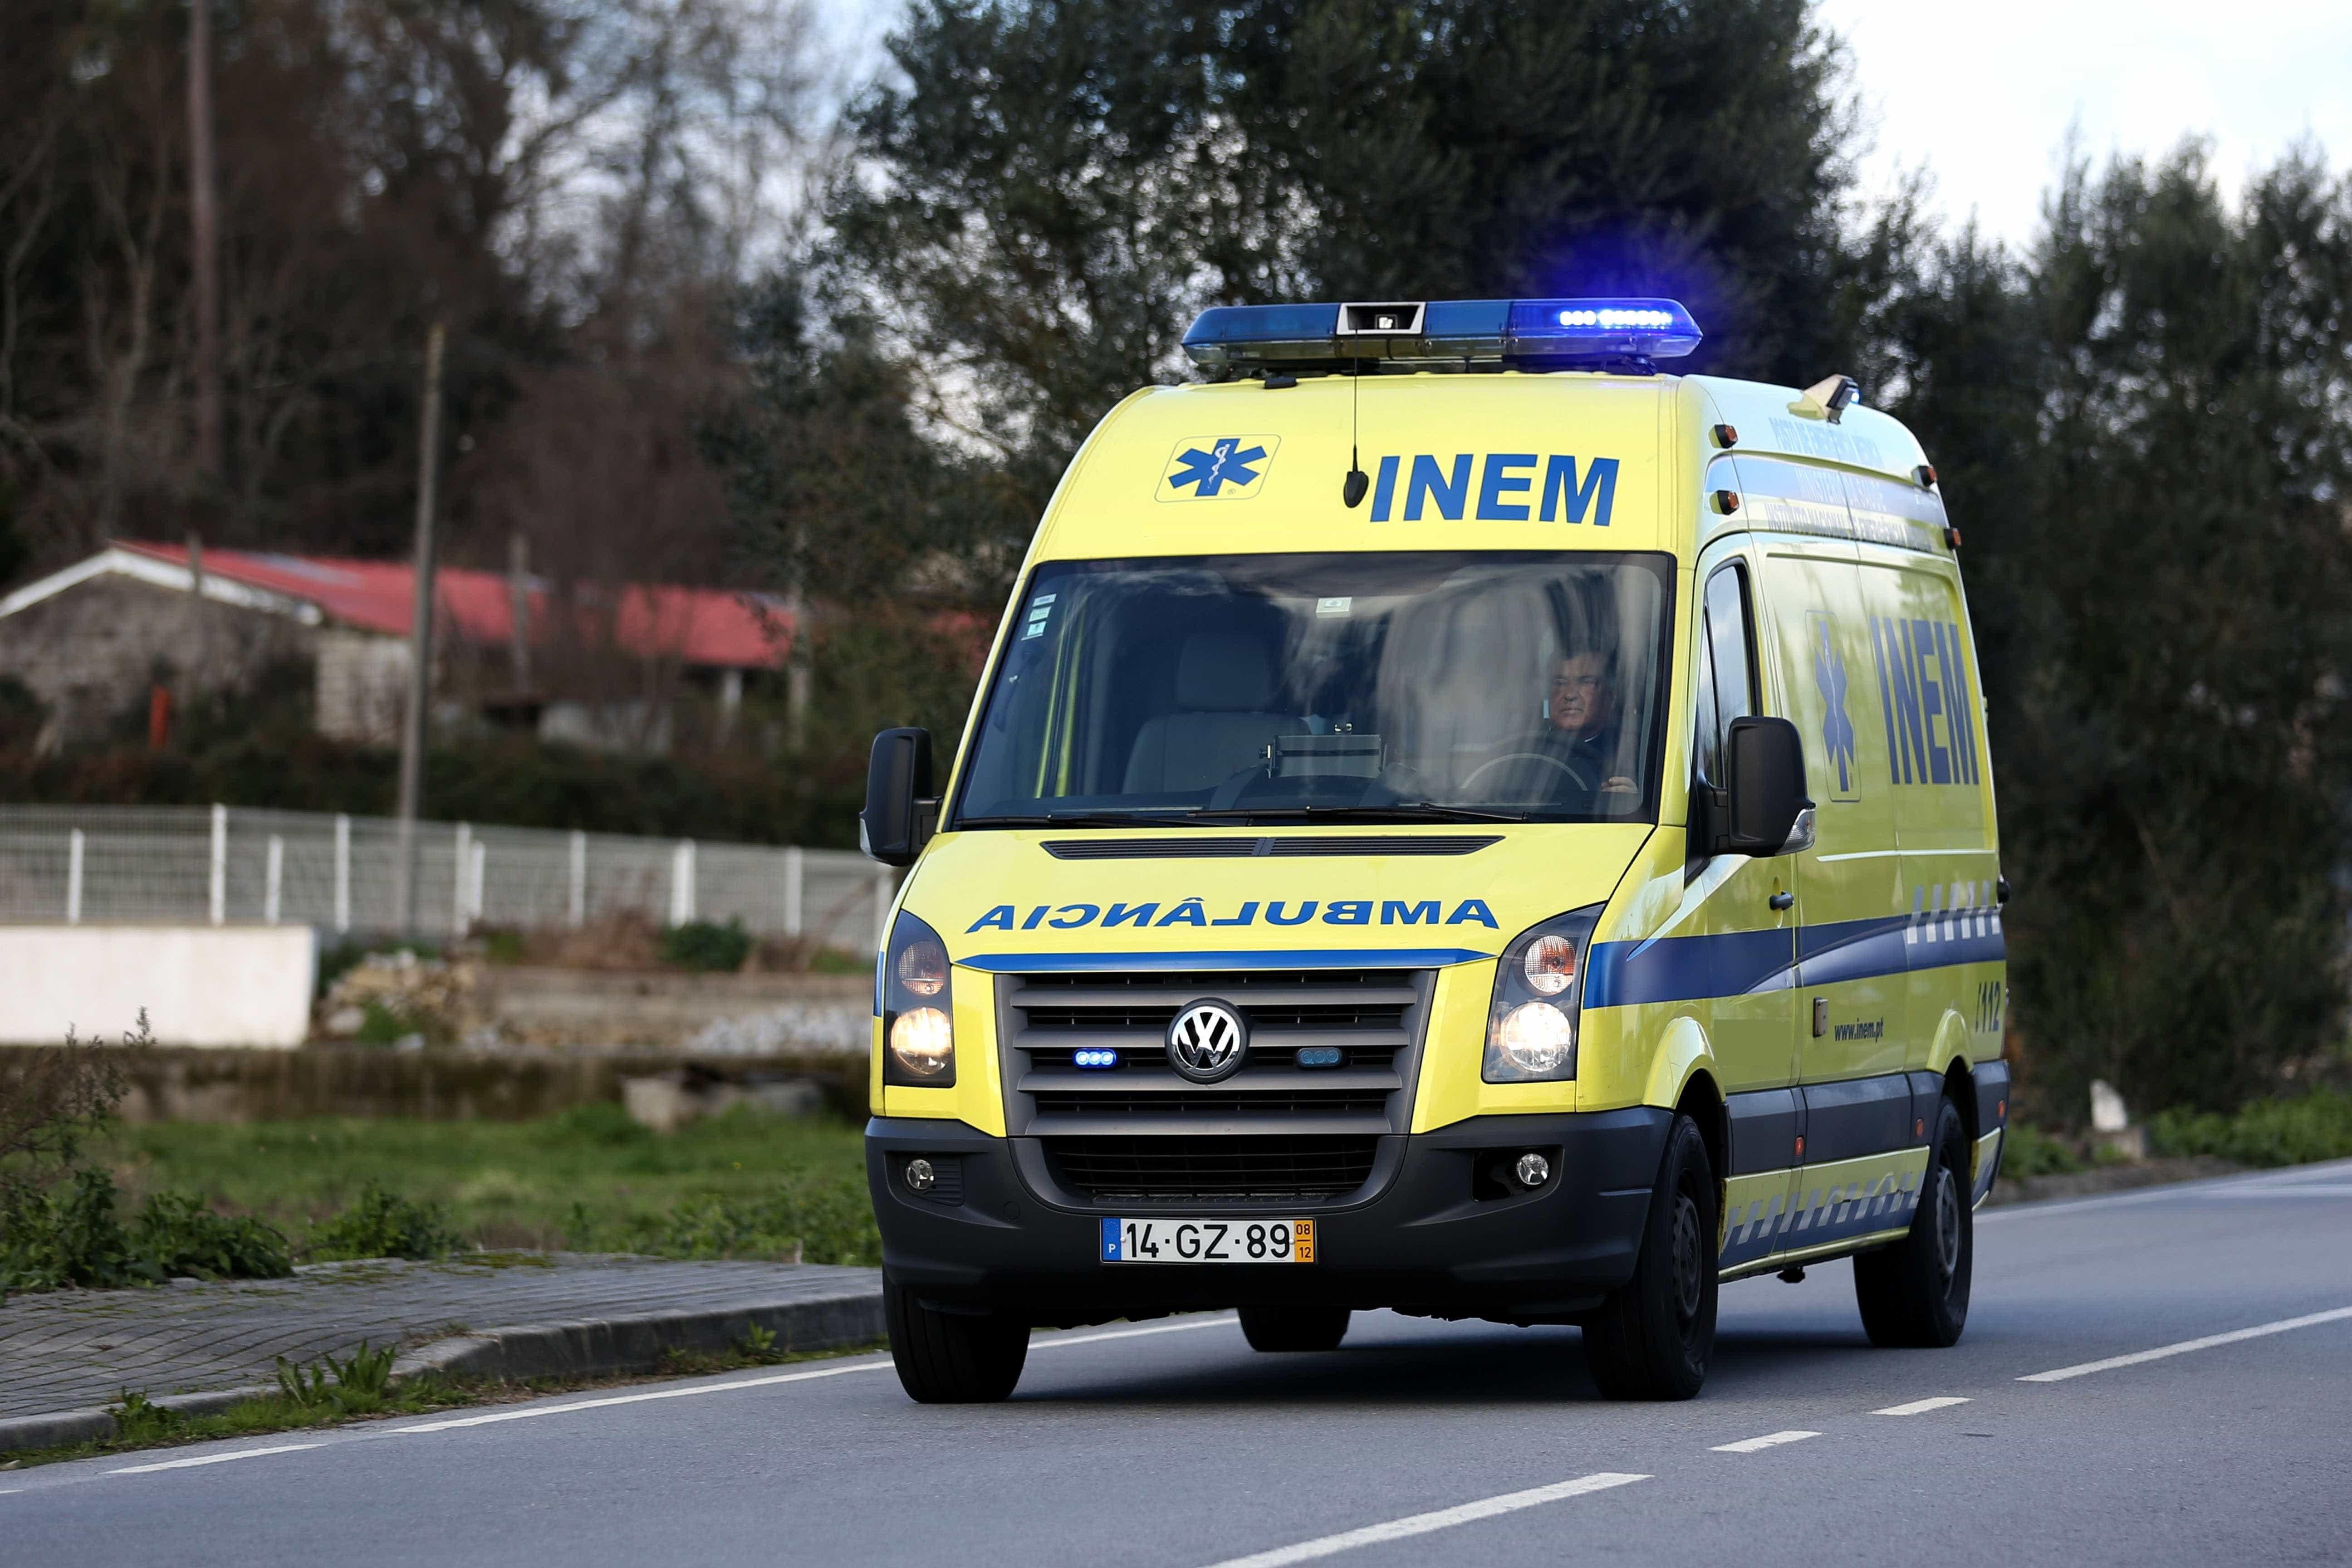 Colisão entre dois veículos faz seis feridos. Dois estão em estado grave